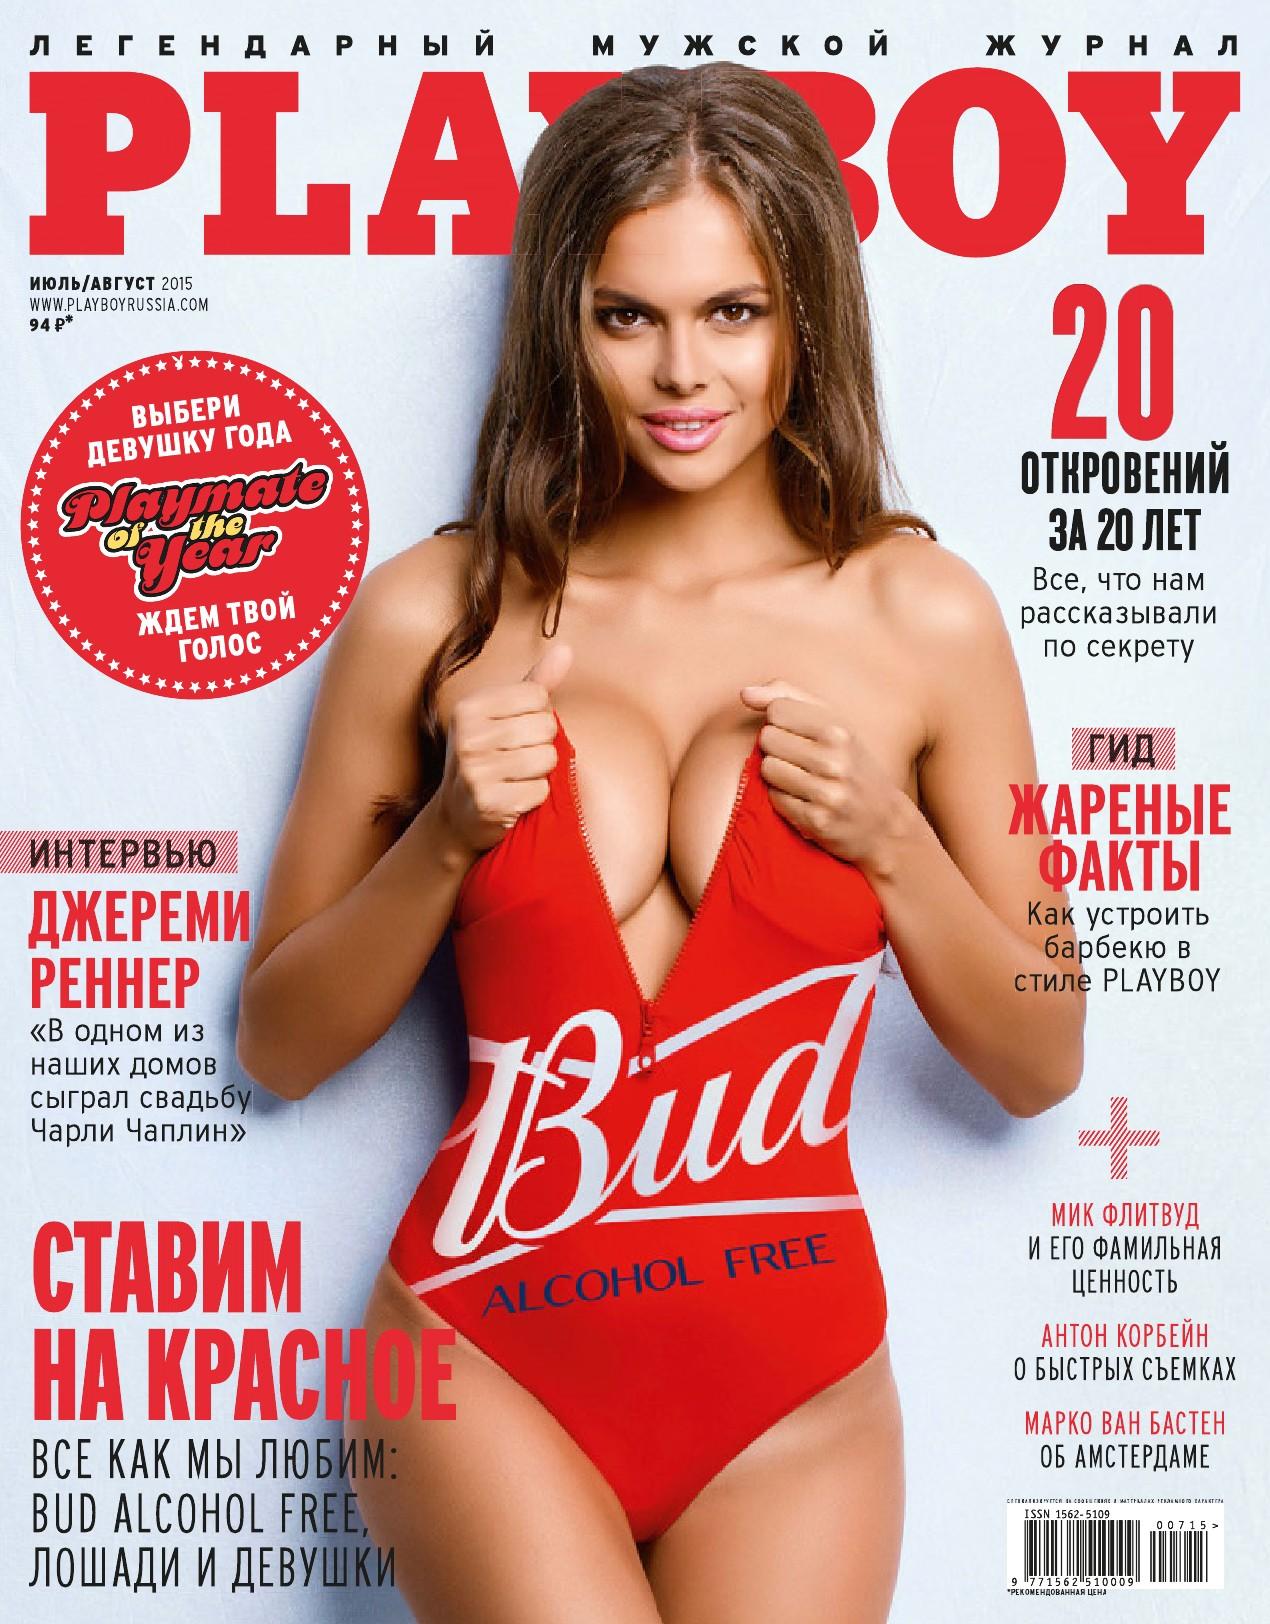 Российская звезда журнала «Playboy» модель Виктория Одинцова собирается в Баку на Формулу 1 – ФОТО